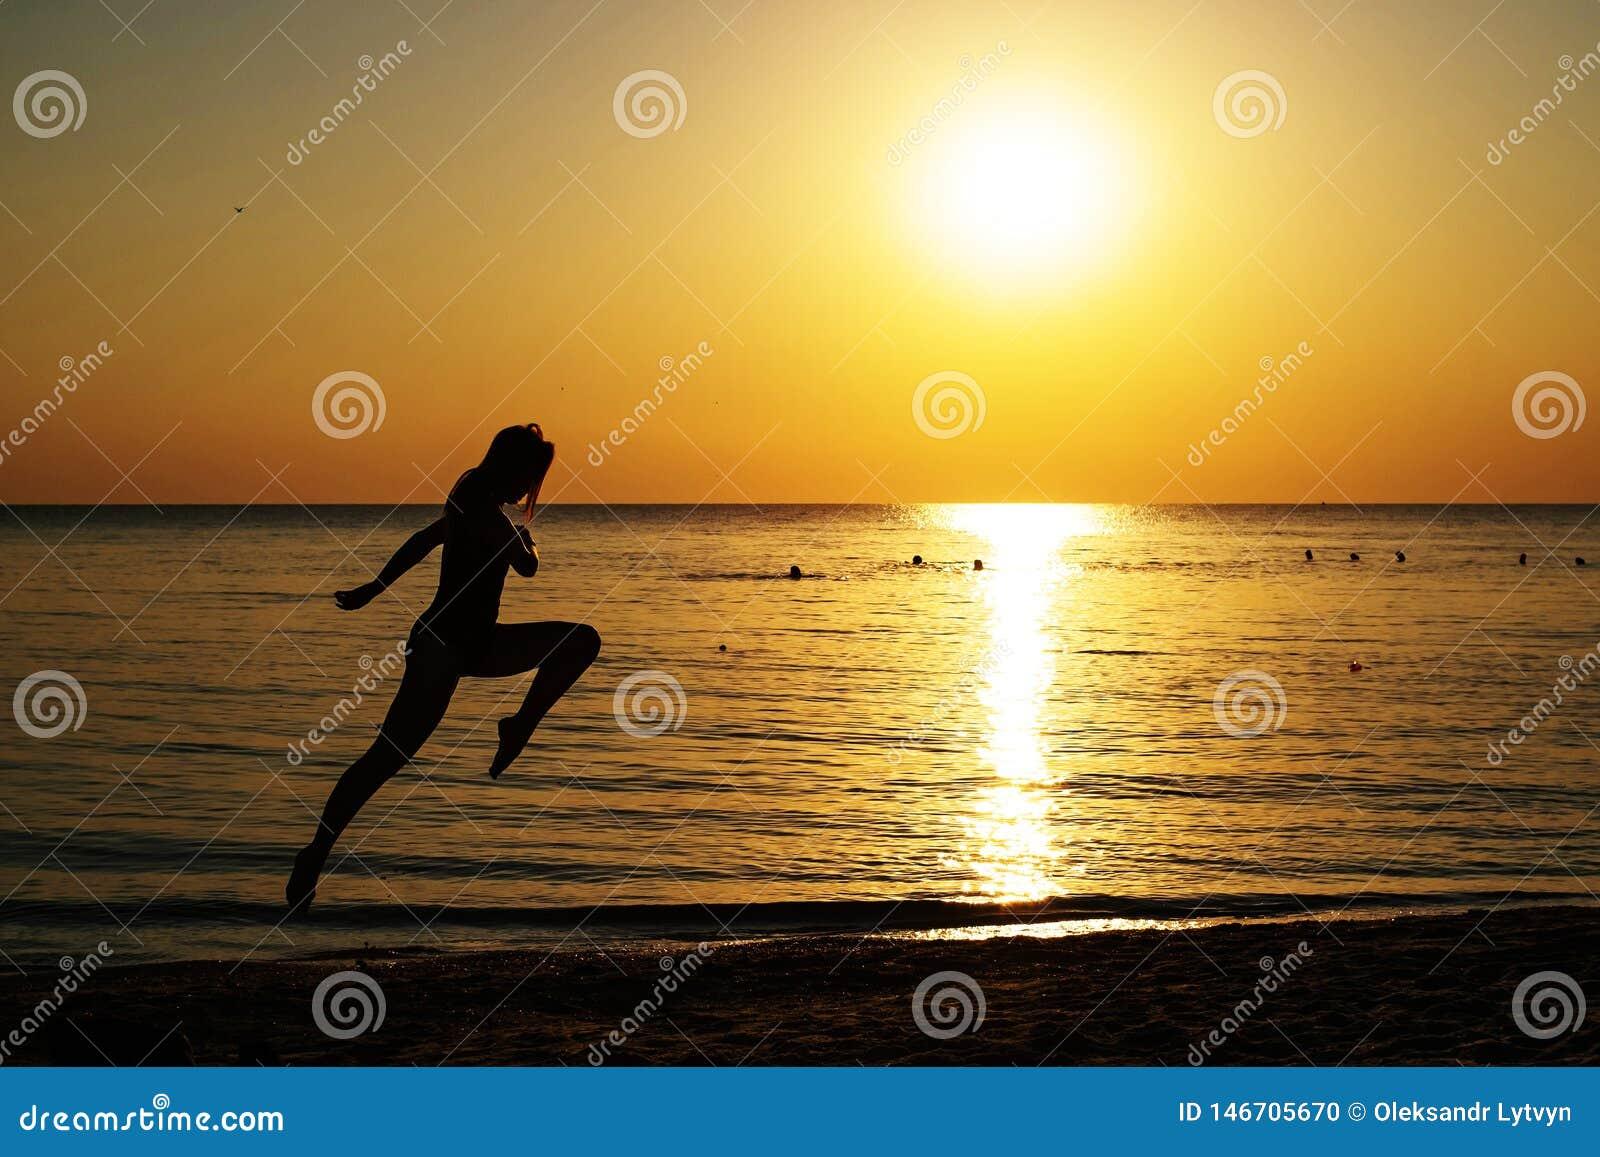 Kontur av en flicka i en baddräkt som kör längs stranden på bakgrunden av gryningen